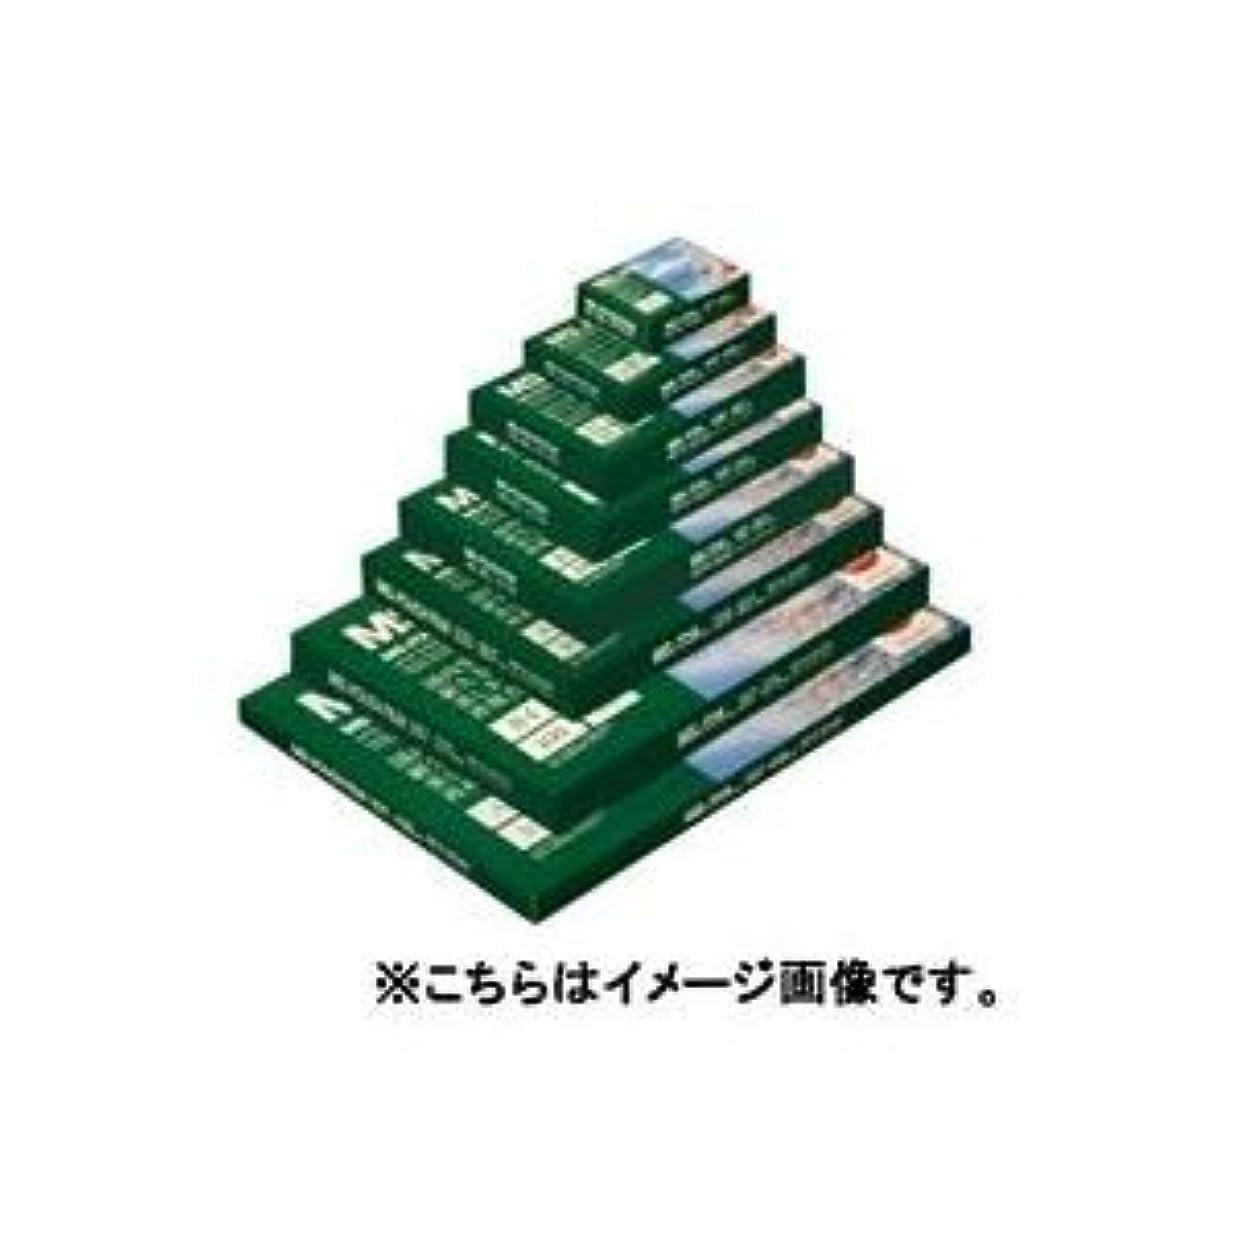 ペンダント緊張するなだめる( お徳用 30セット ) 明光商会 パウチフイルム パウチフィルム MP10-70100 診察券 100枚